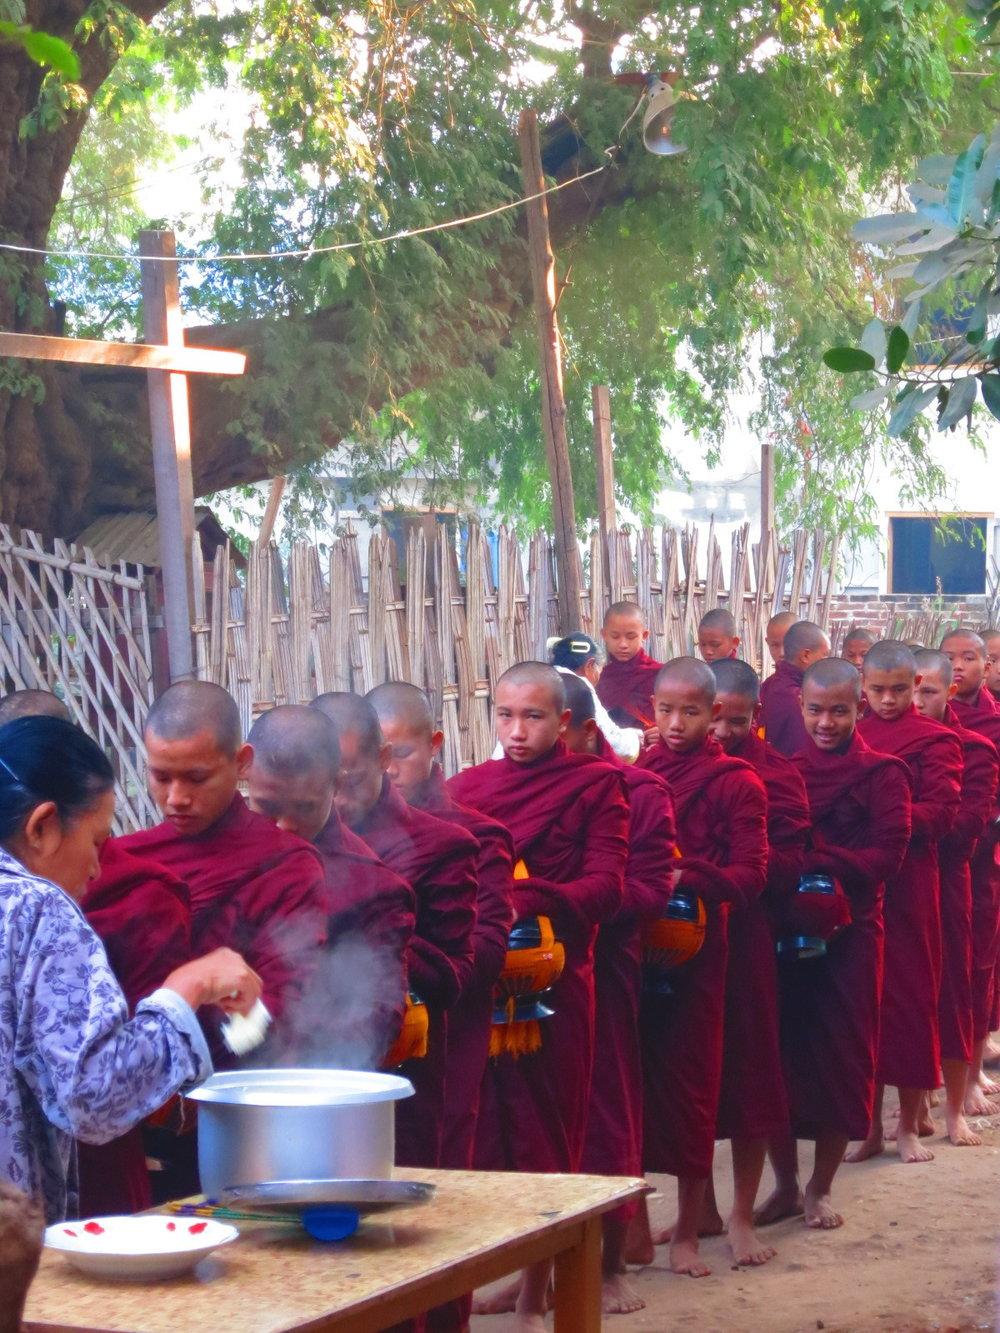 Morning, Nyaung-u, Myanmar.